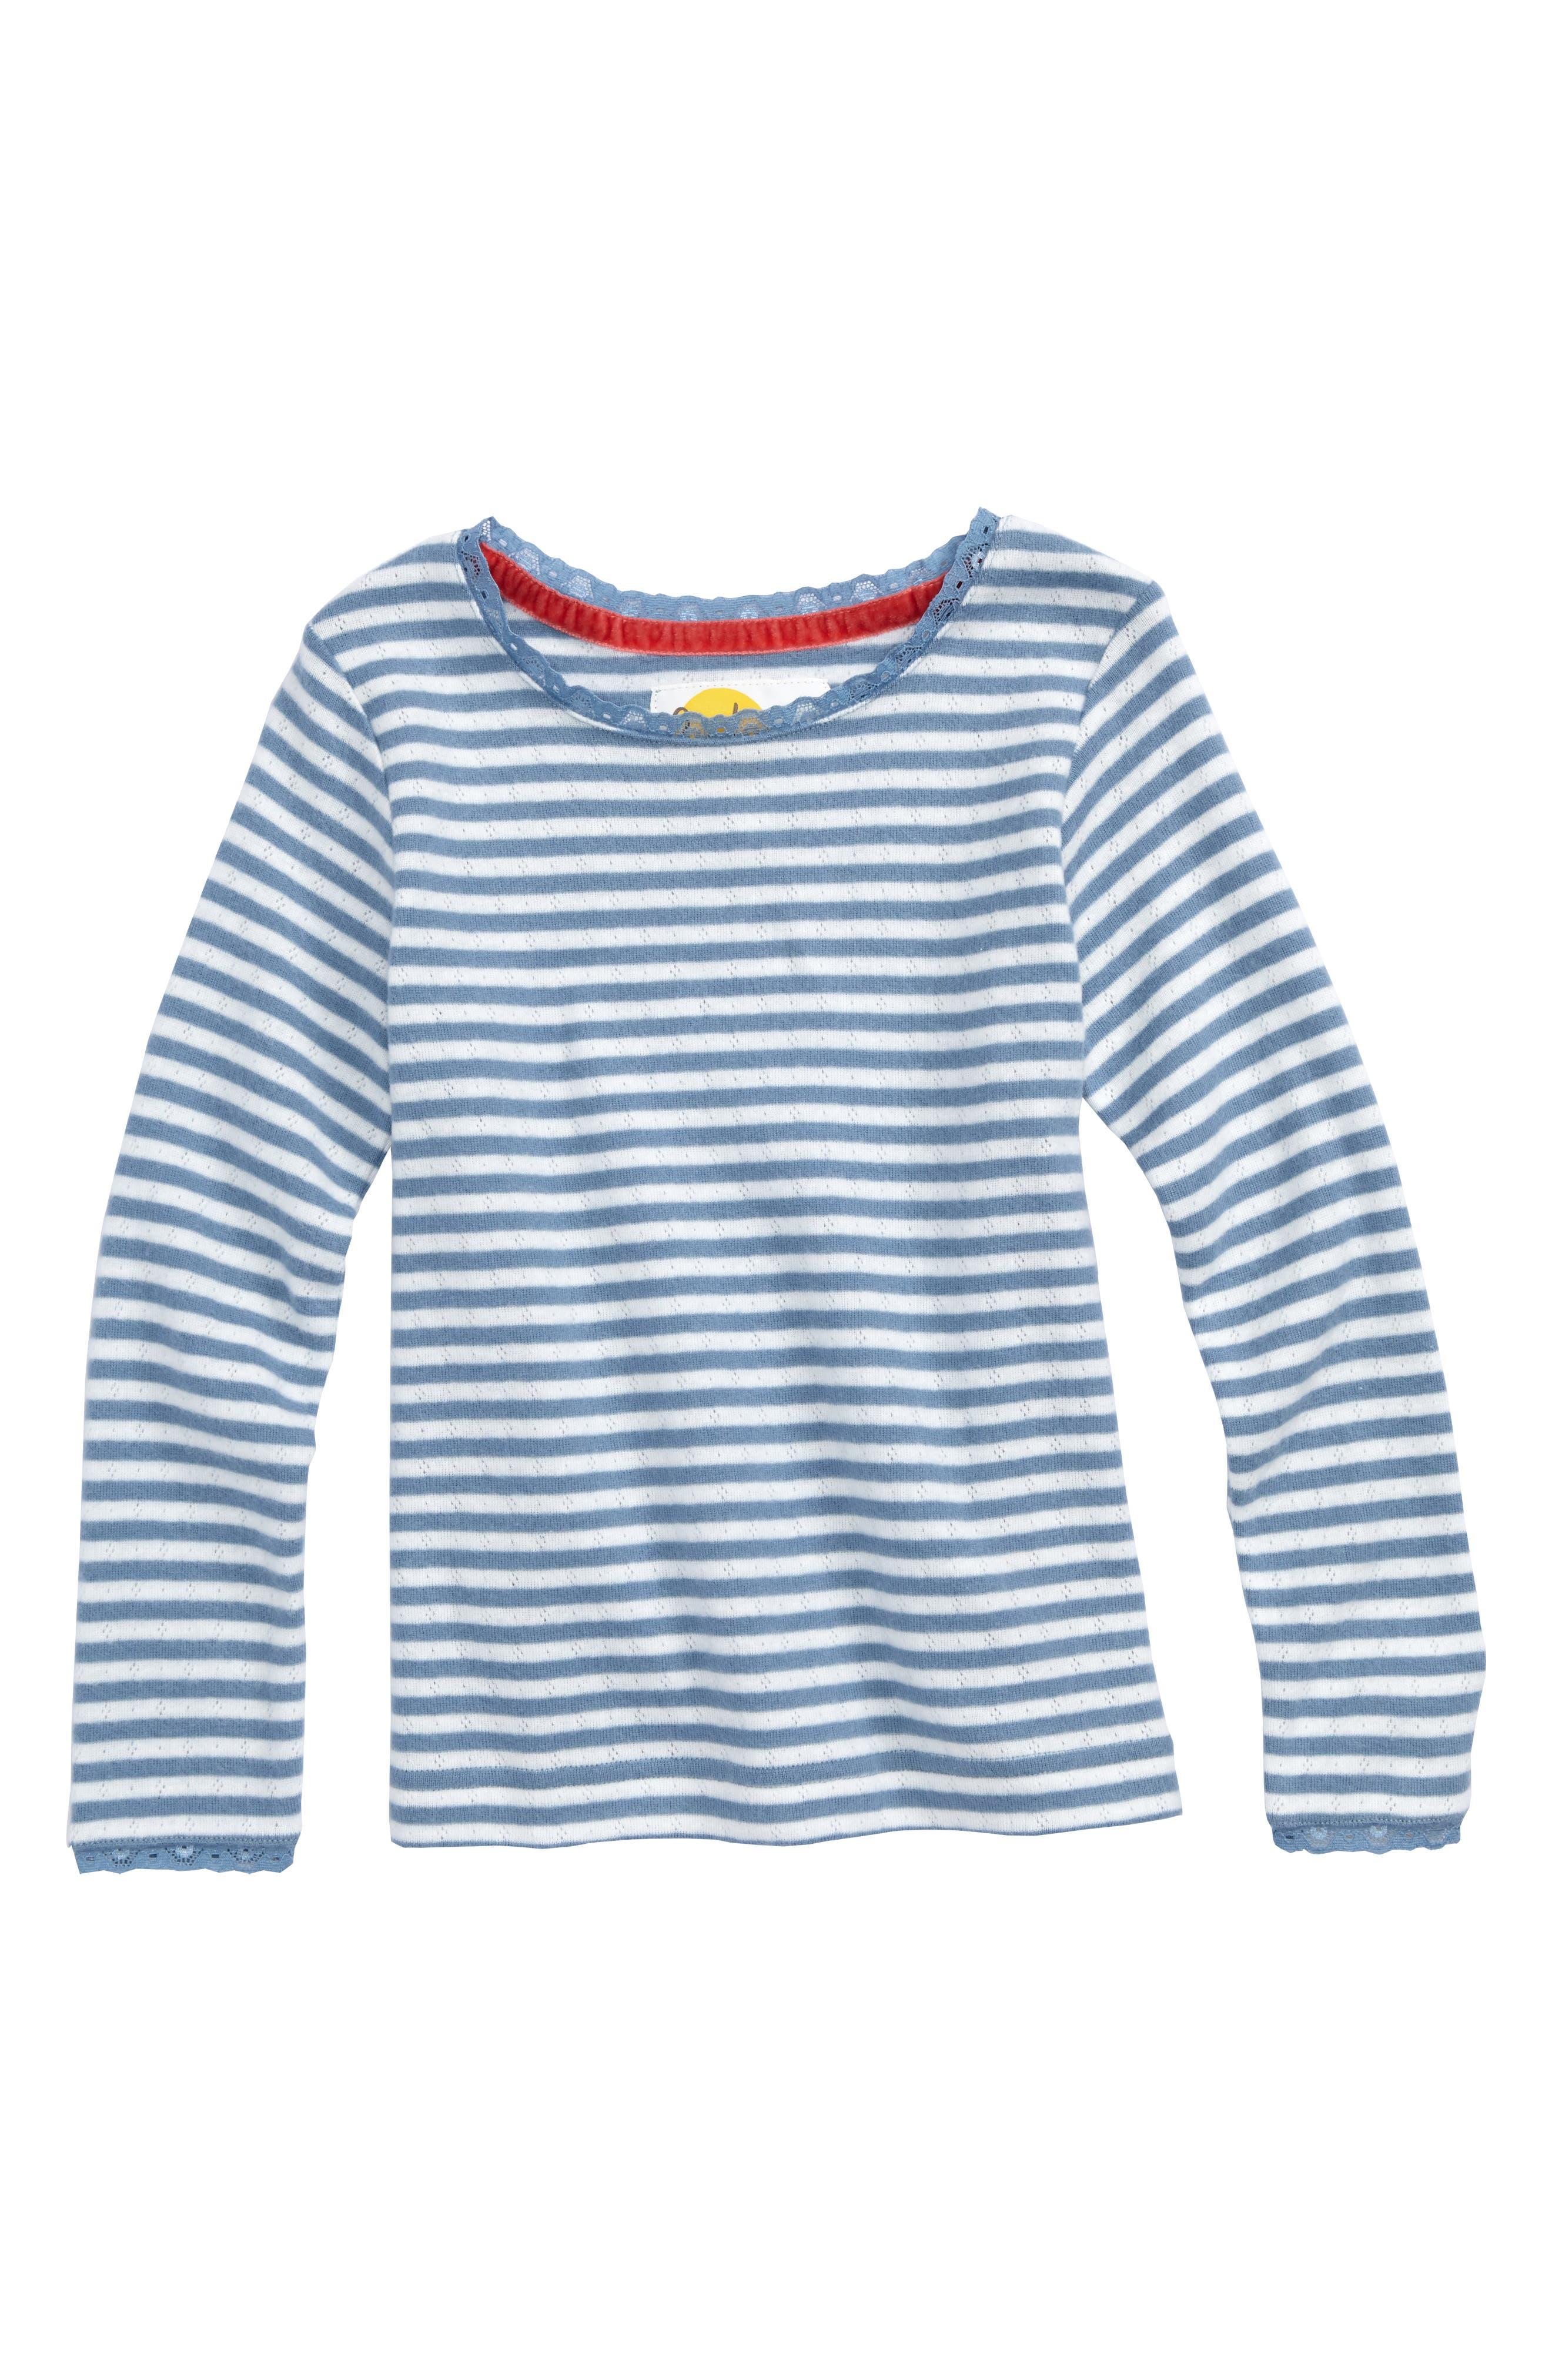 Main Image - Mini Boden Soft Stripe Pointelle Tee (Toddler Girls, Little Girls & Big Girls)